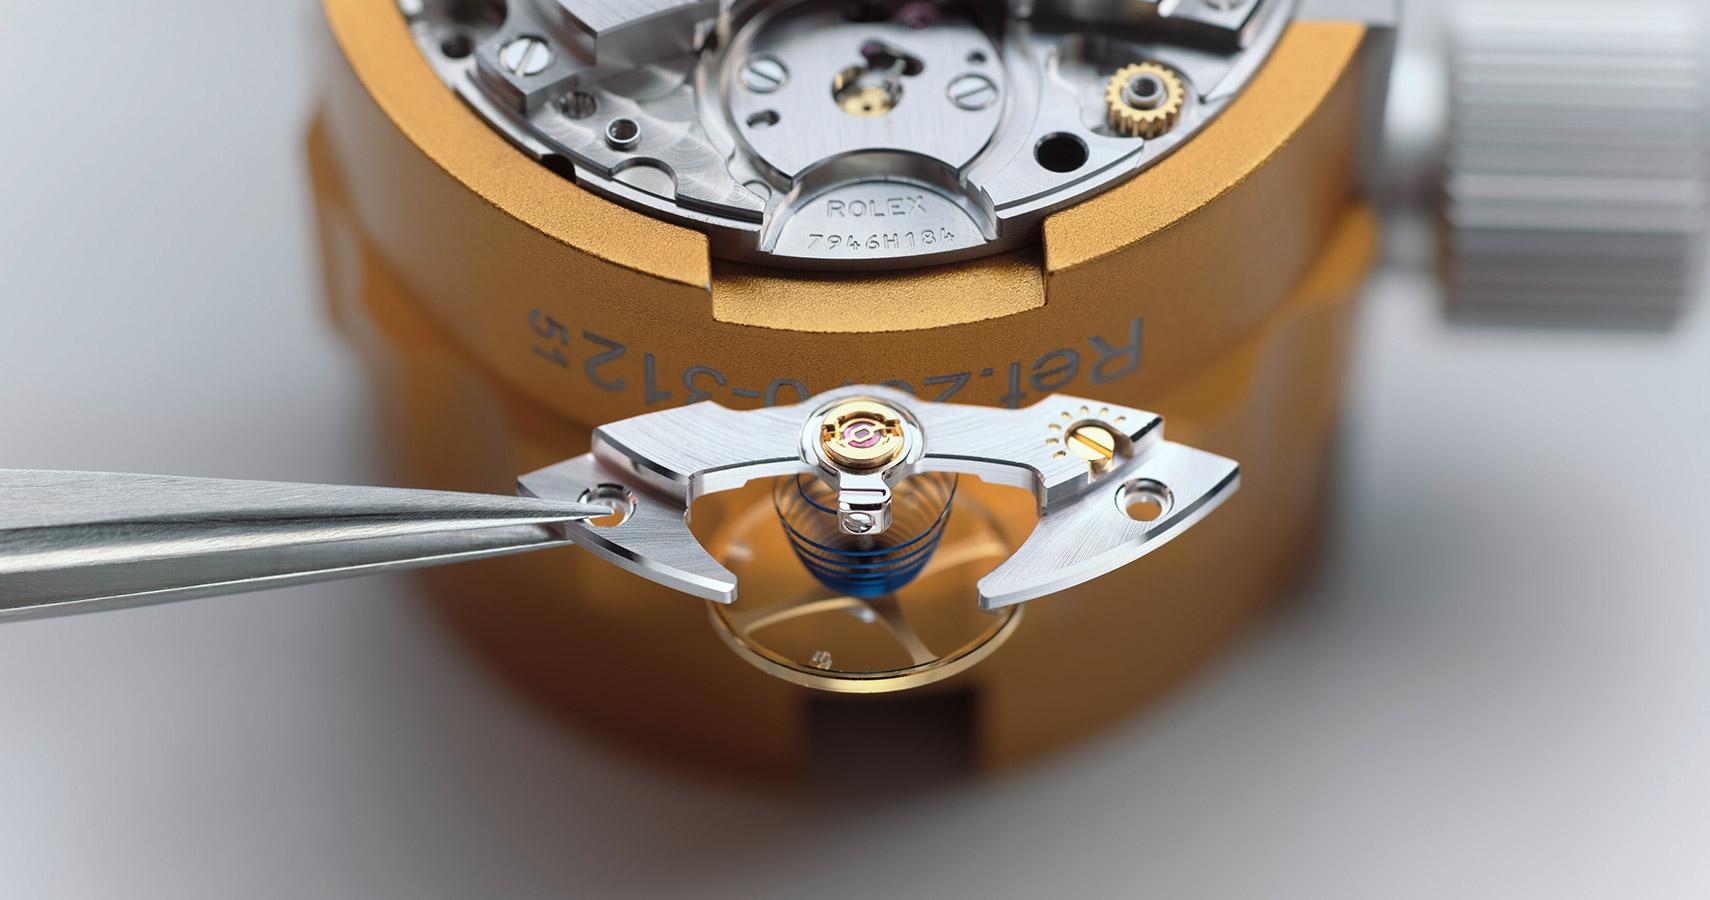 Rolex - Rivenditore autorizzato Rabino1985